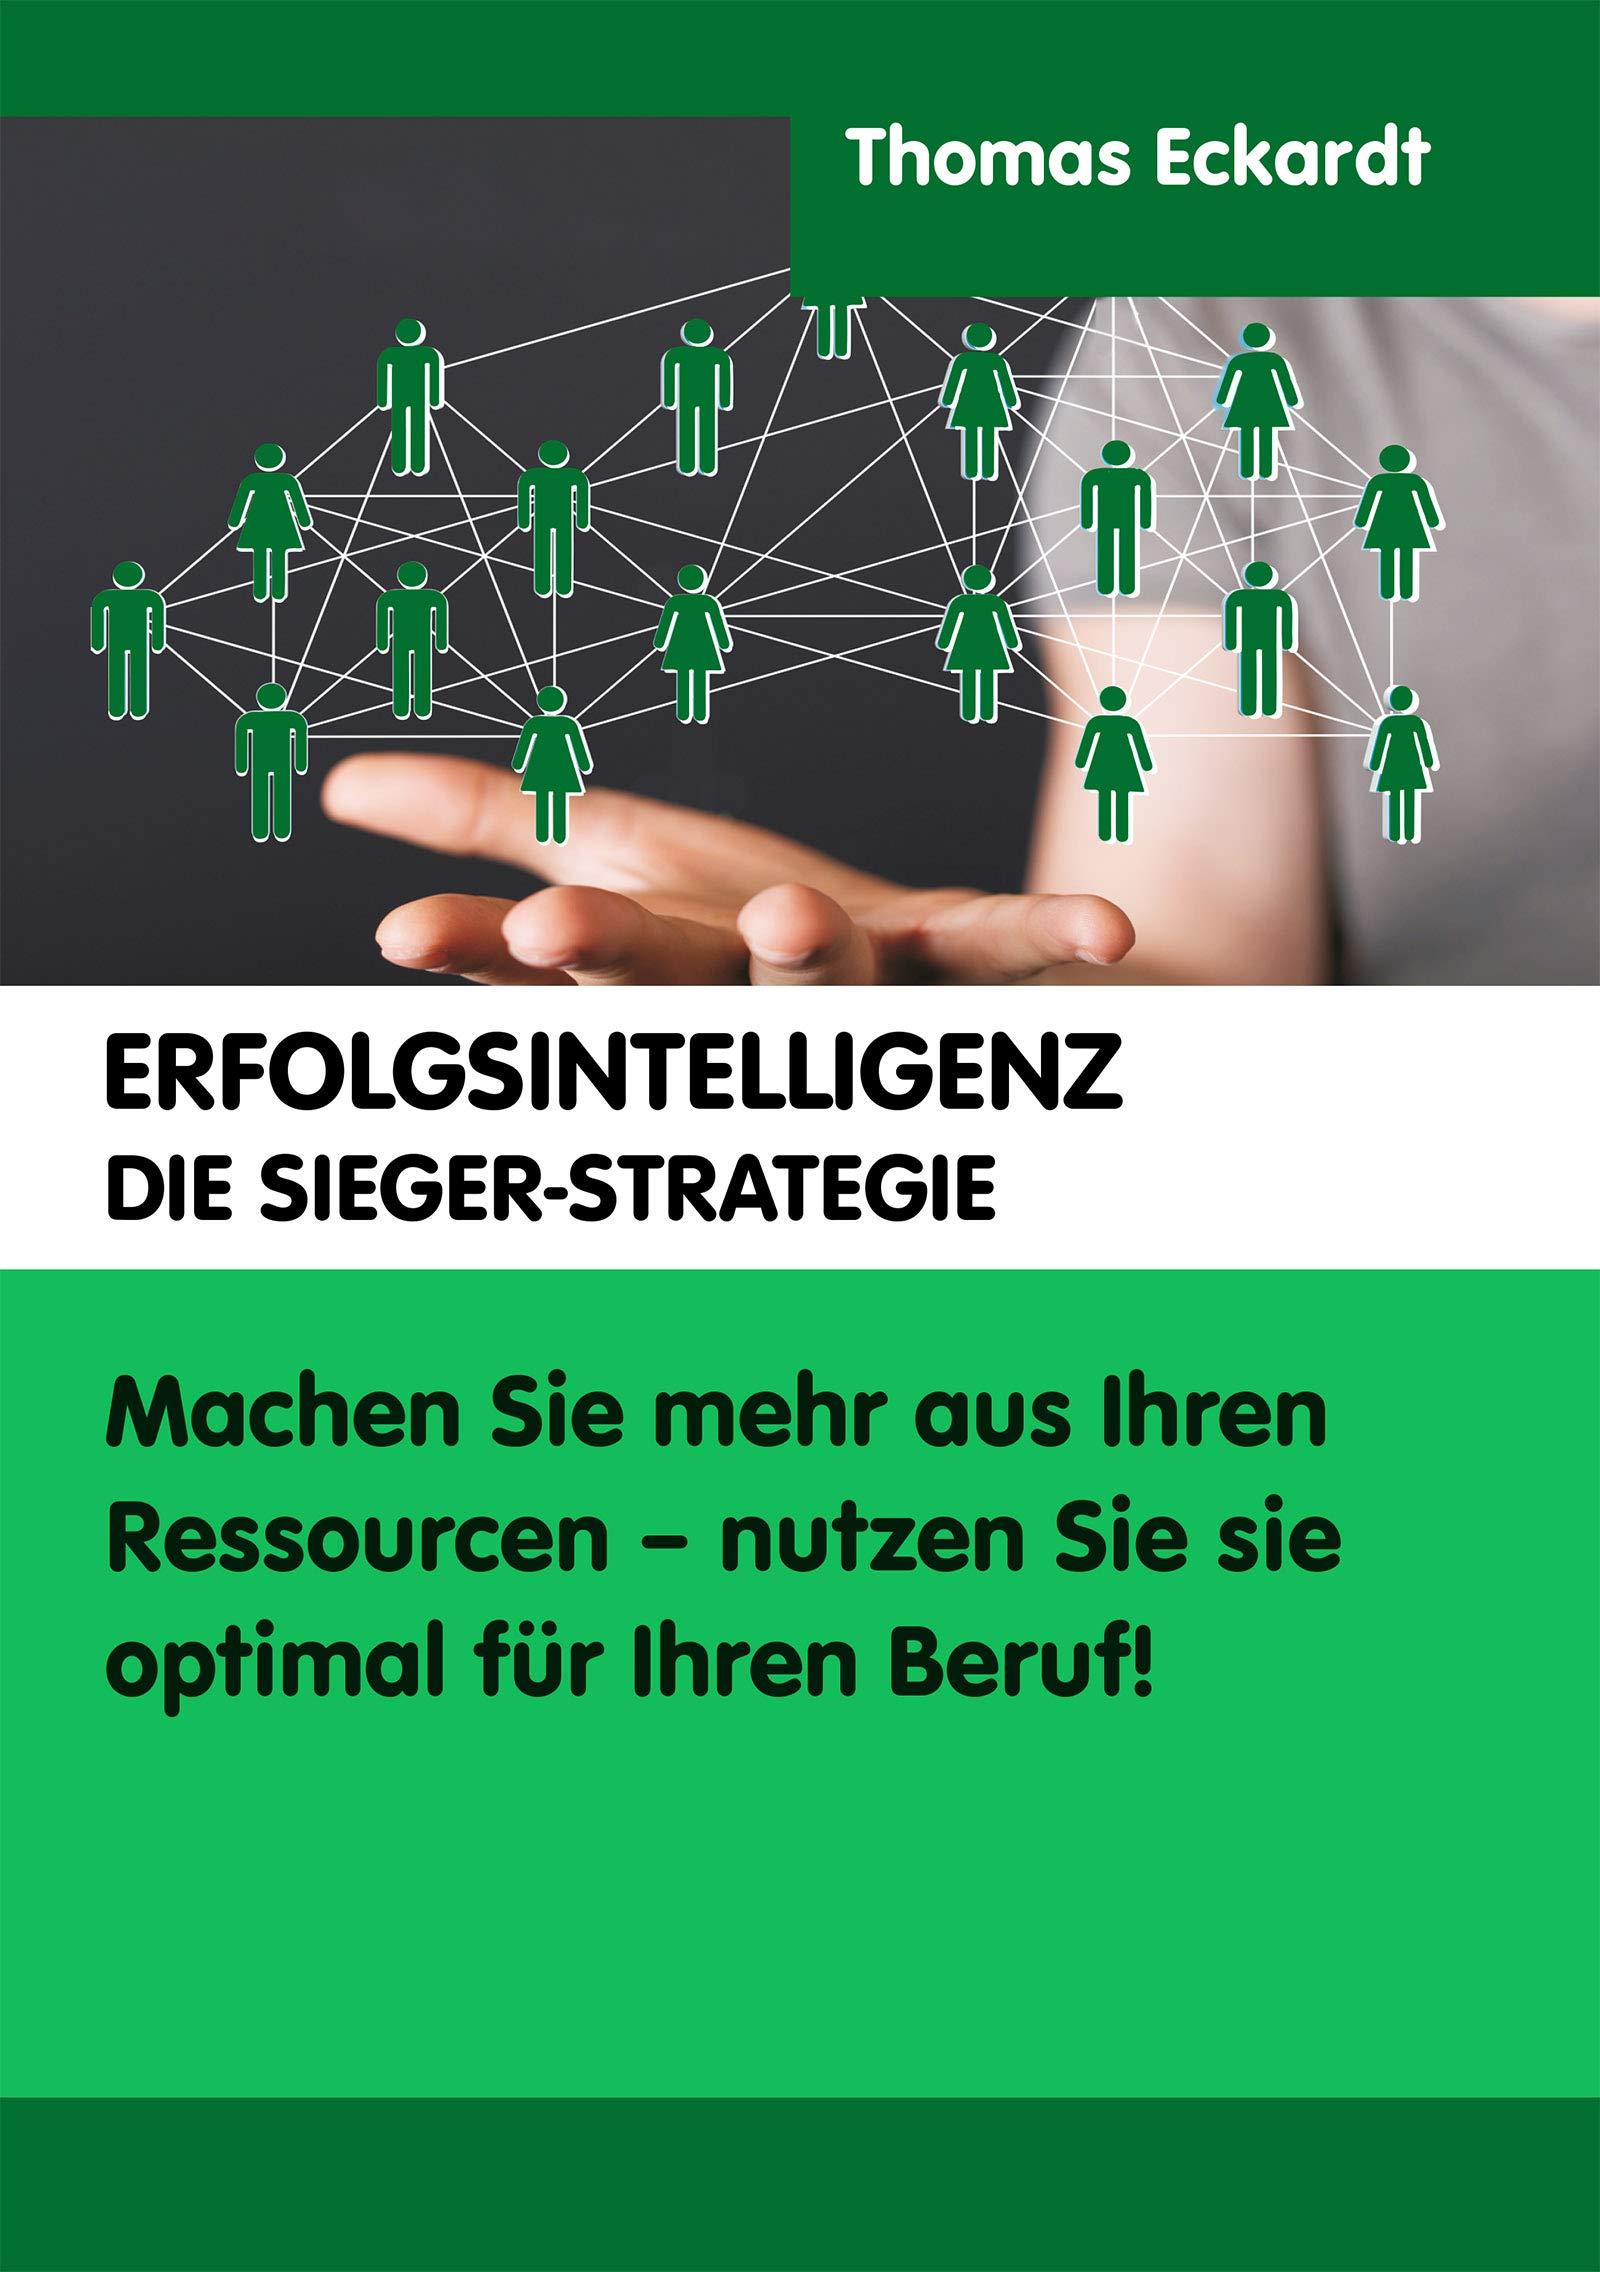 ERFOLGSINTELLIGENZ DIE SIEGER-STRATEGIE: Machen Sie mehr aus Ihren Ressourcen - nutzen Sie sie optimal für Ihren Beruf! (German Edition)